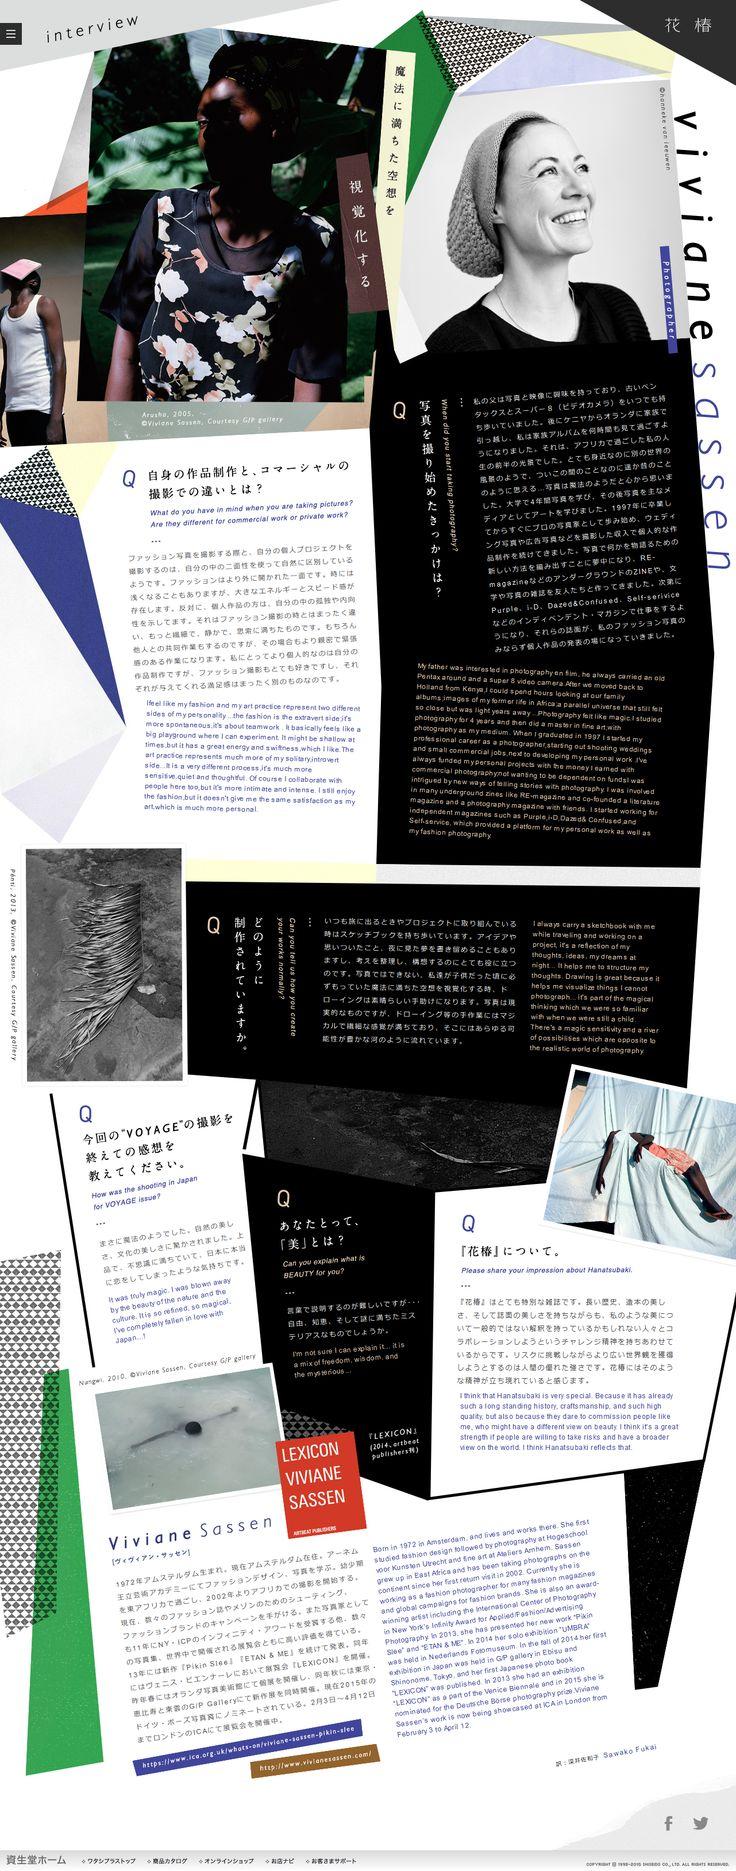 花椿2015/4 https://www.shiseido.co.jp/hanatsubaki/2015voyage/interview.html